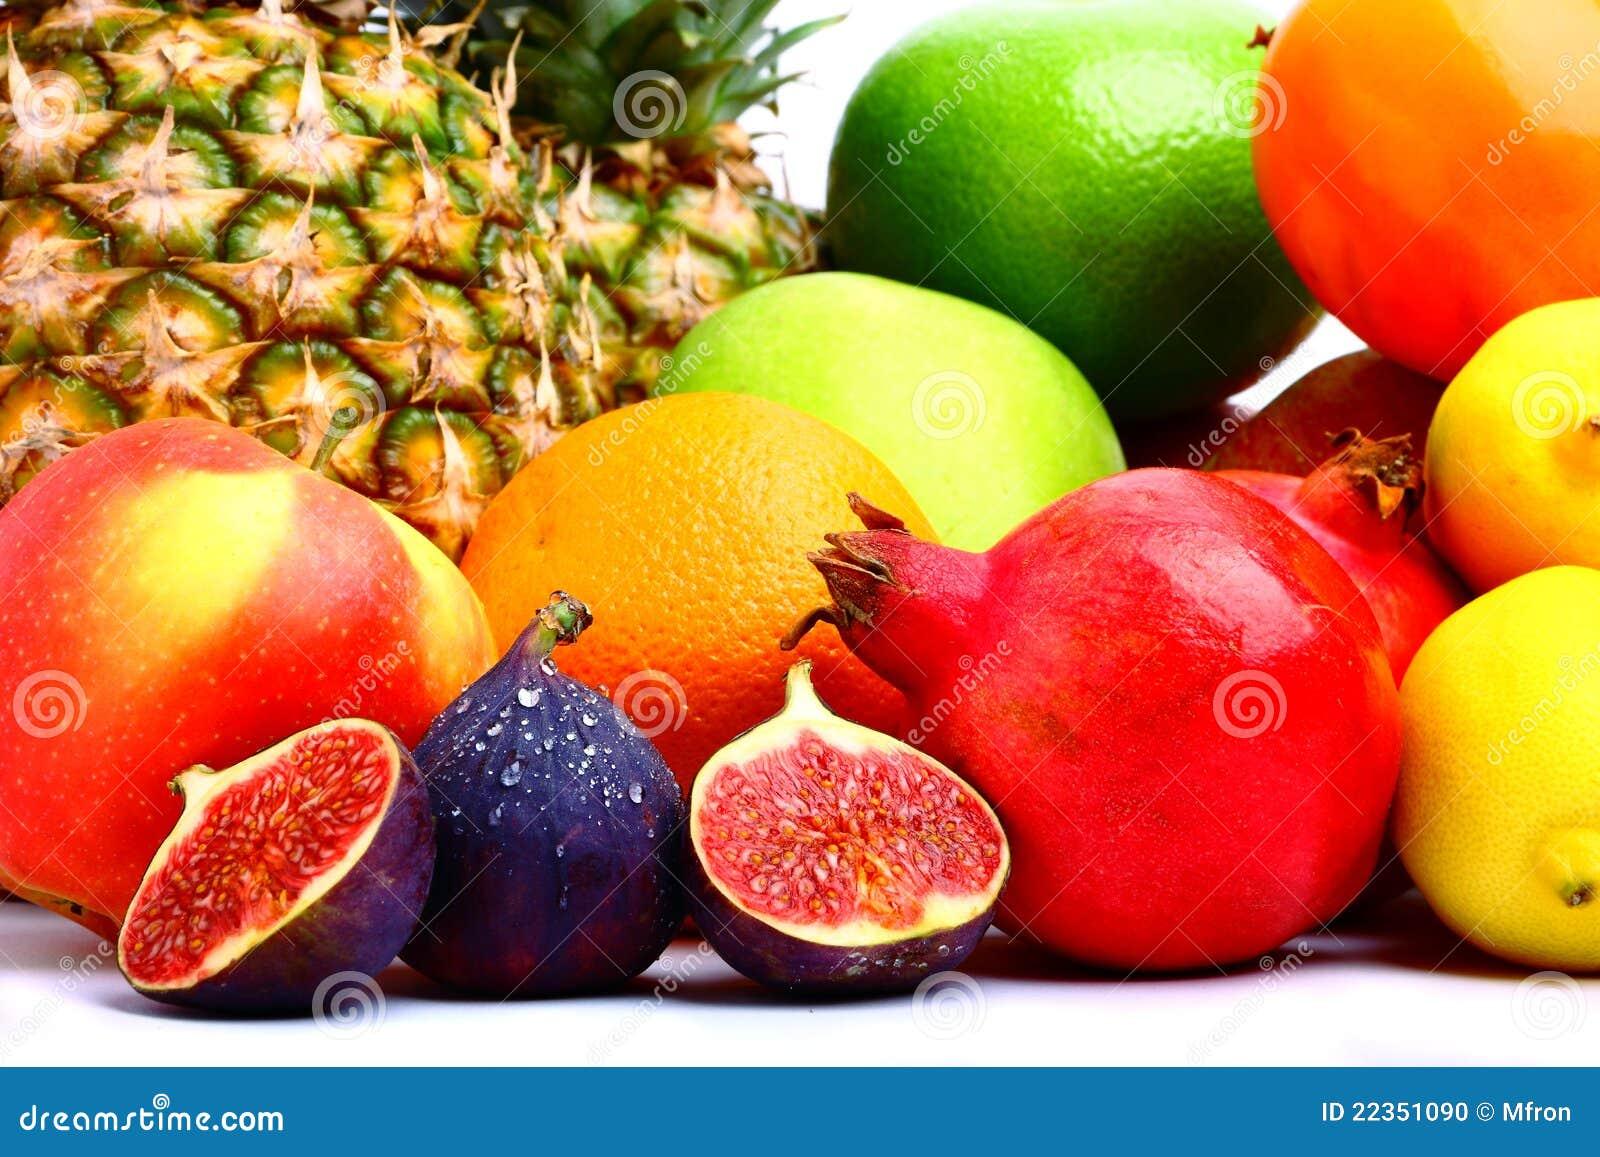 可口新鲜水果